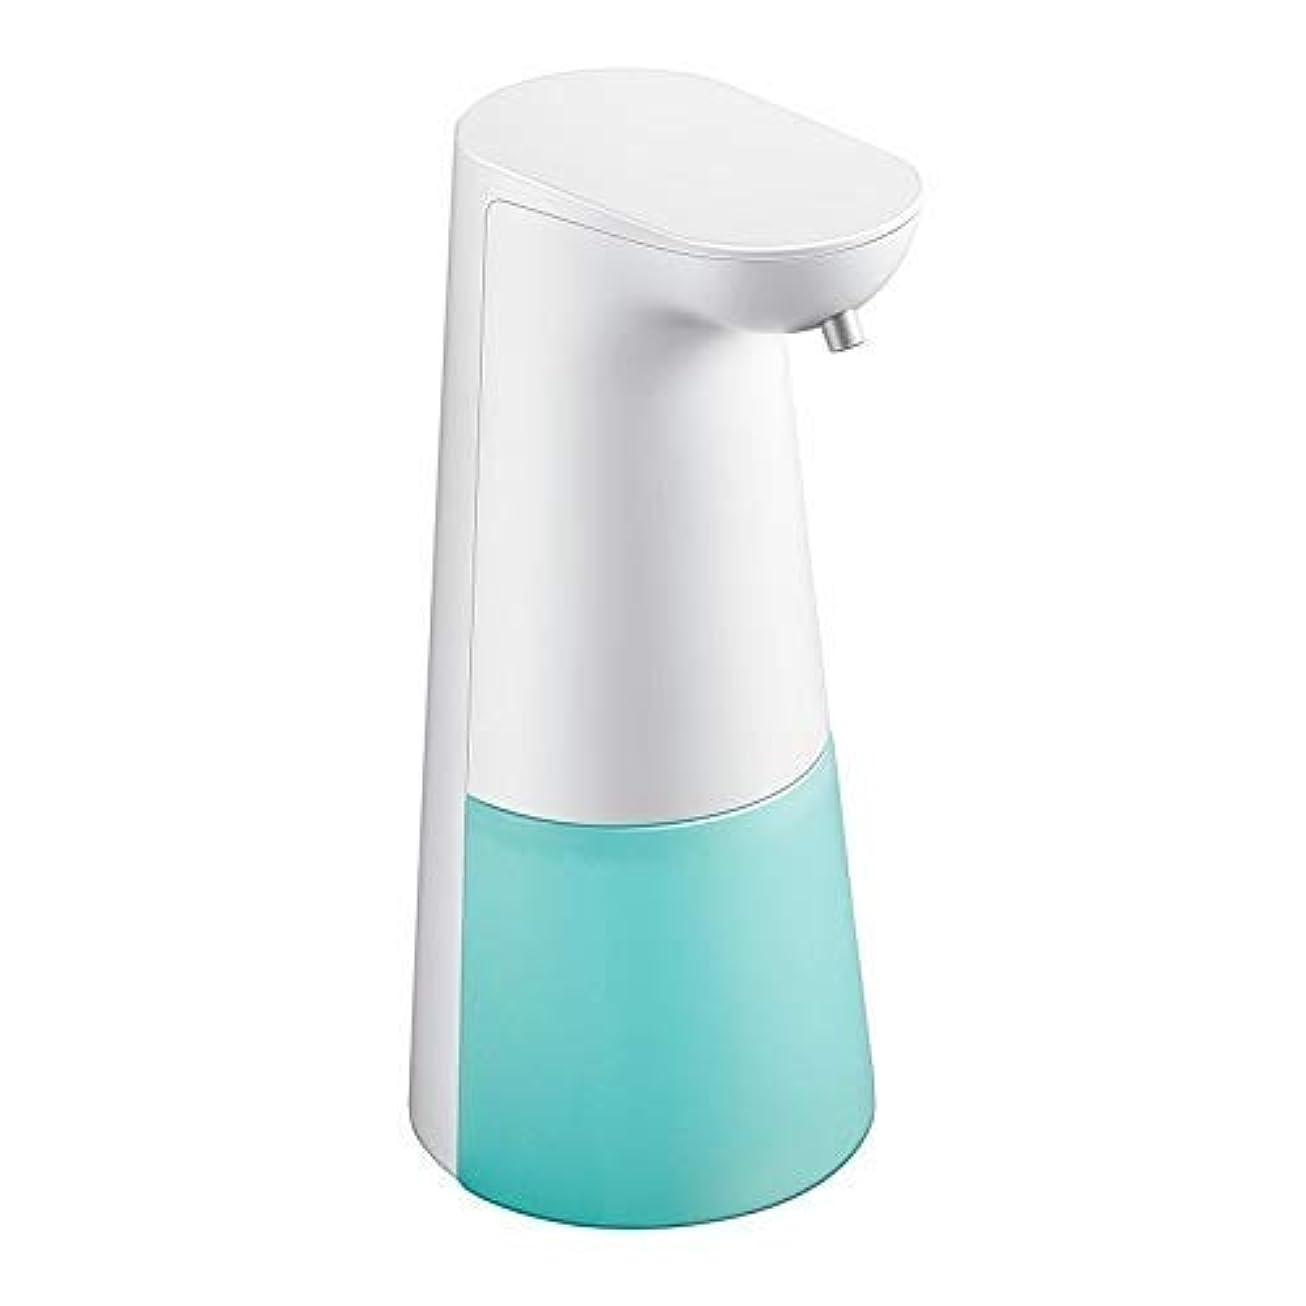 に対して細部ライド自動誘導の泡の石鹸機械ホテルの泡の石鹸ディスペンサーの自動手の消毒剤